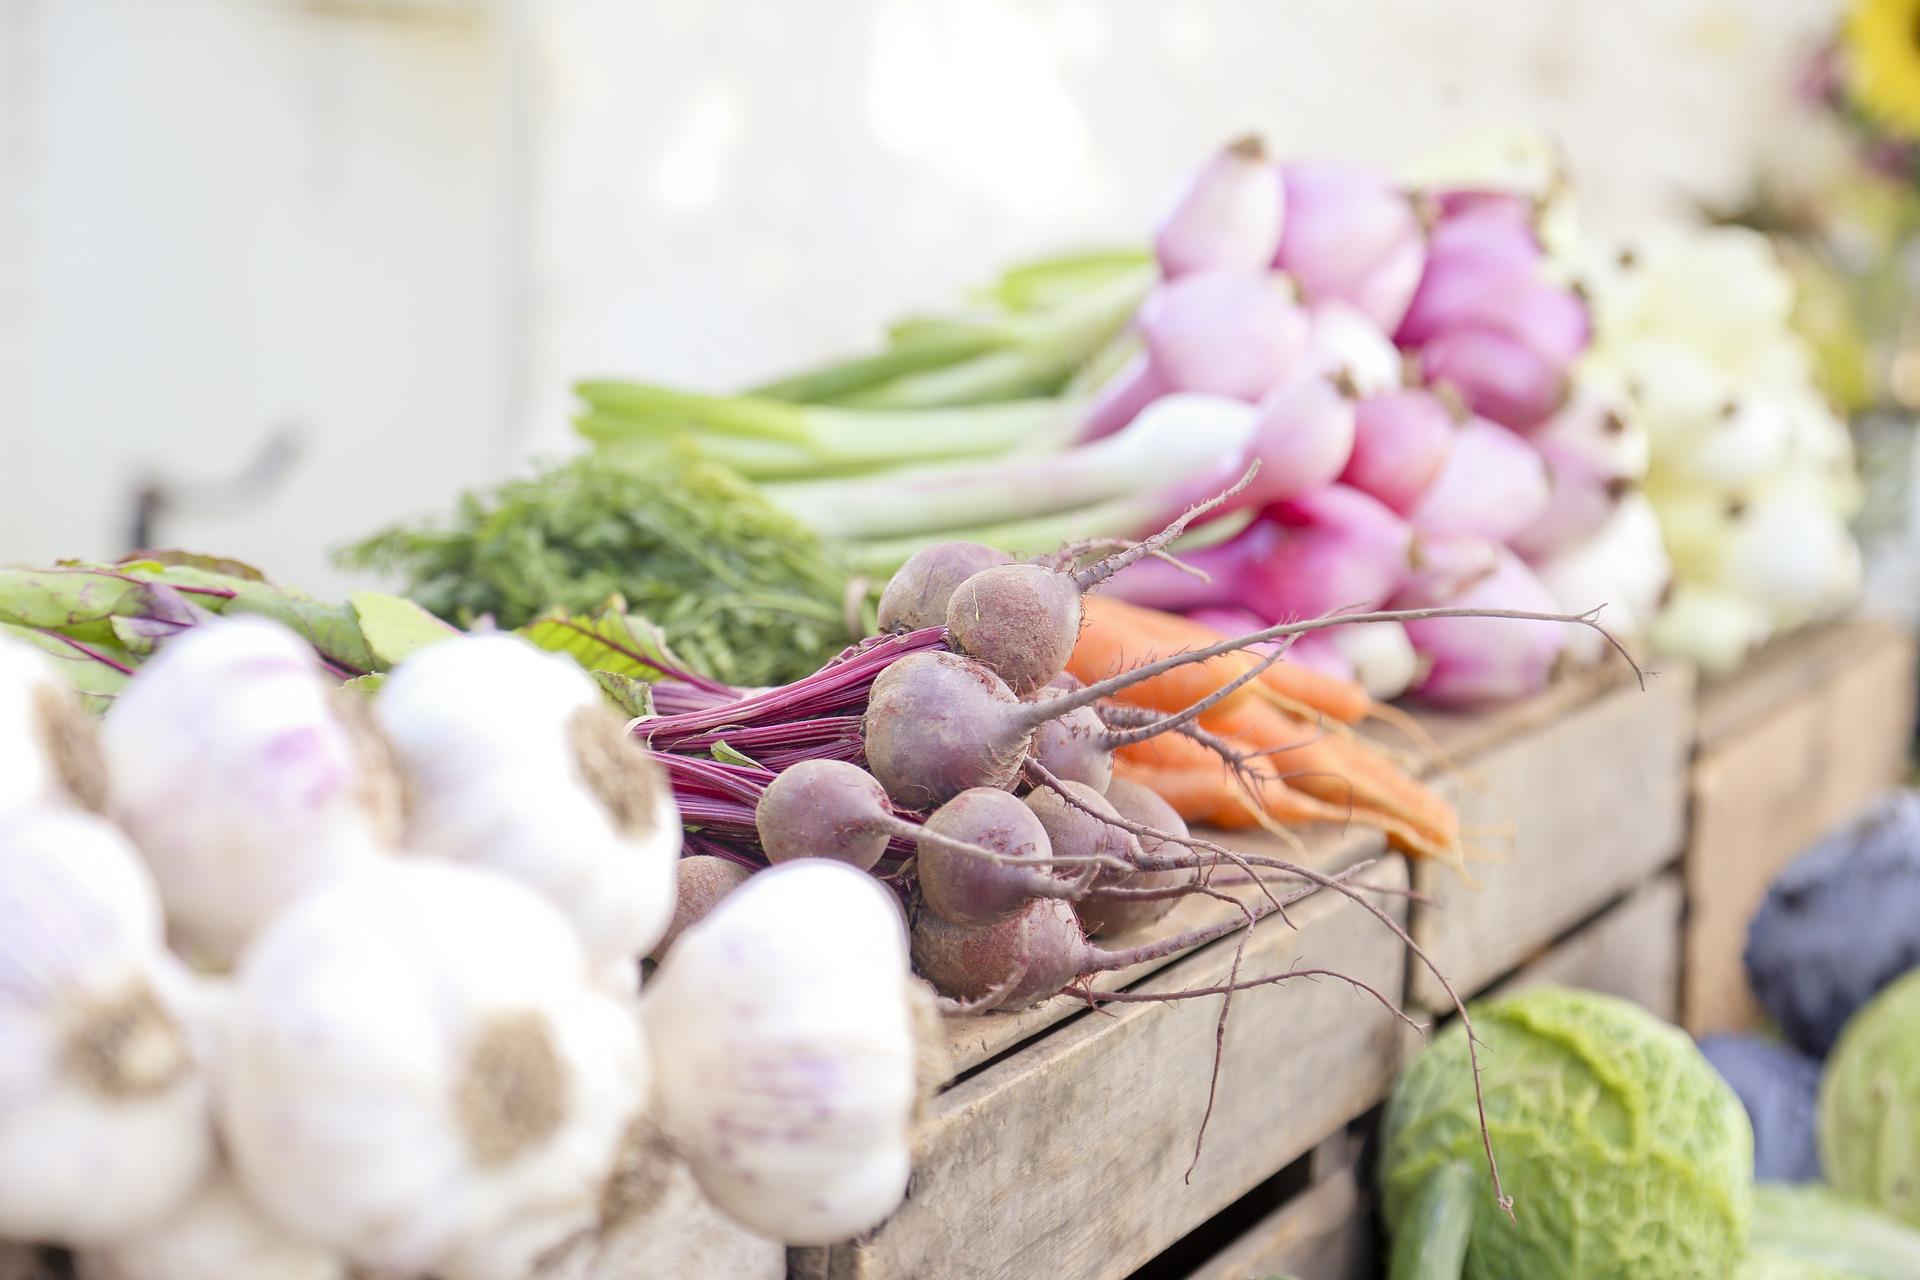 У Західній Україні знизилися ціни на овочі борщового набору